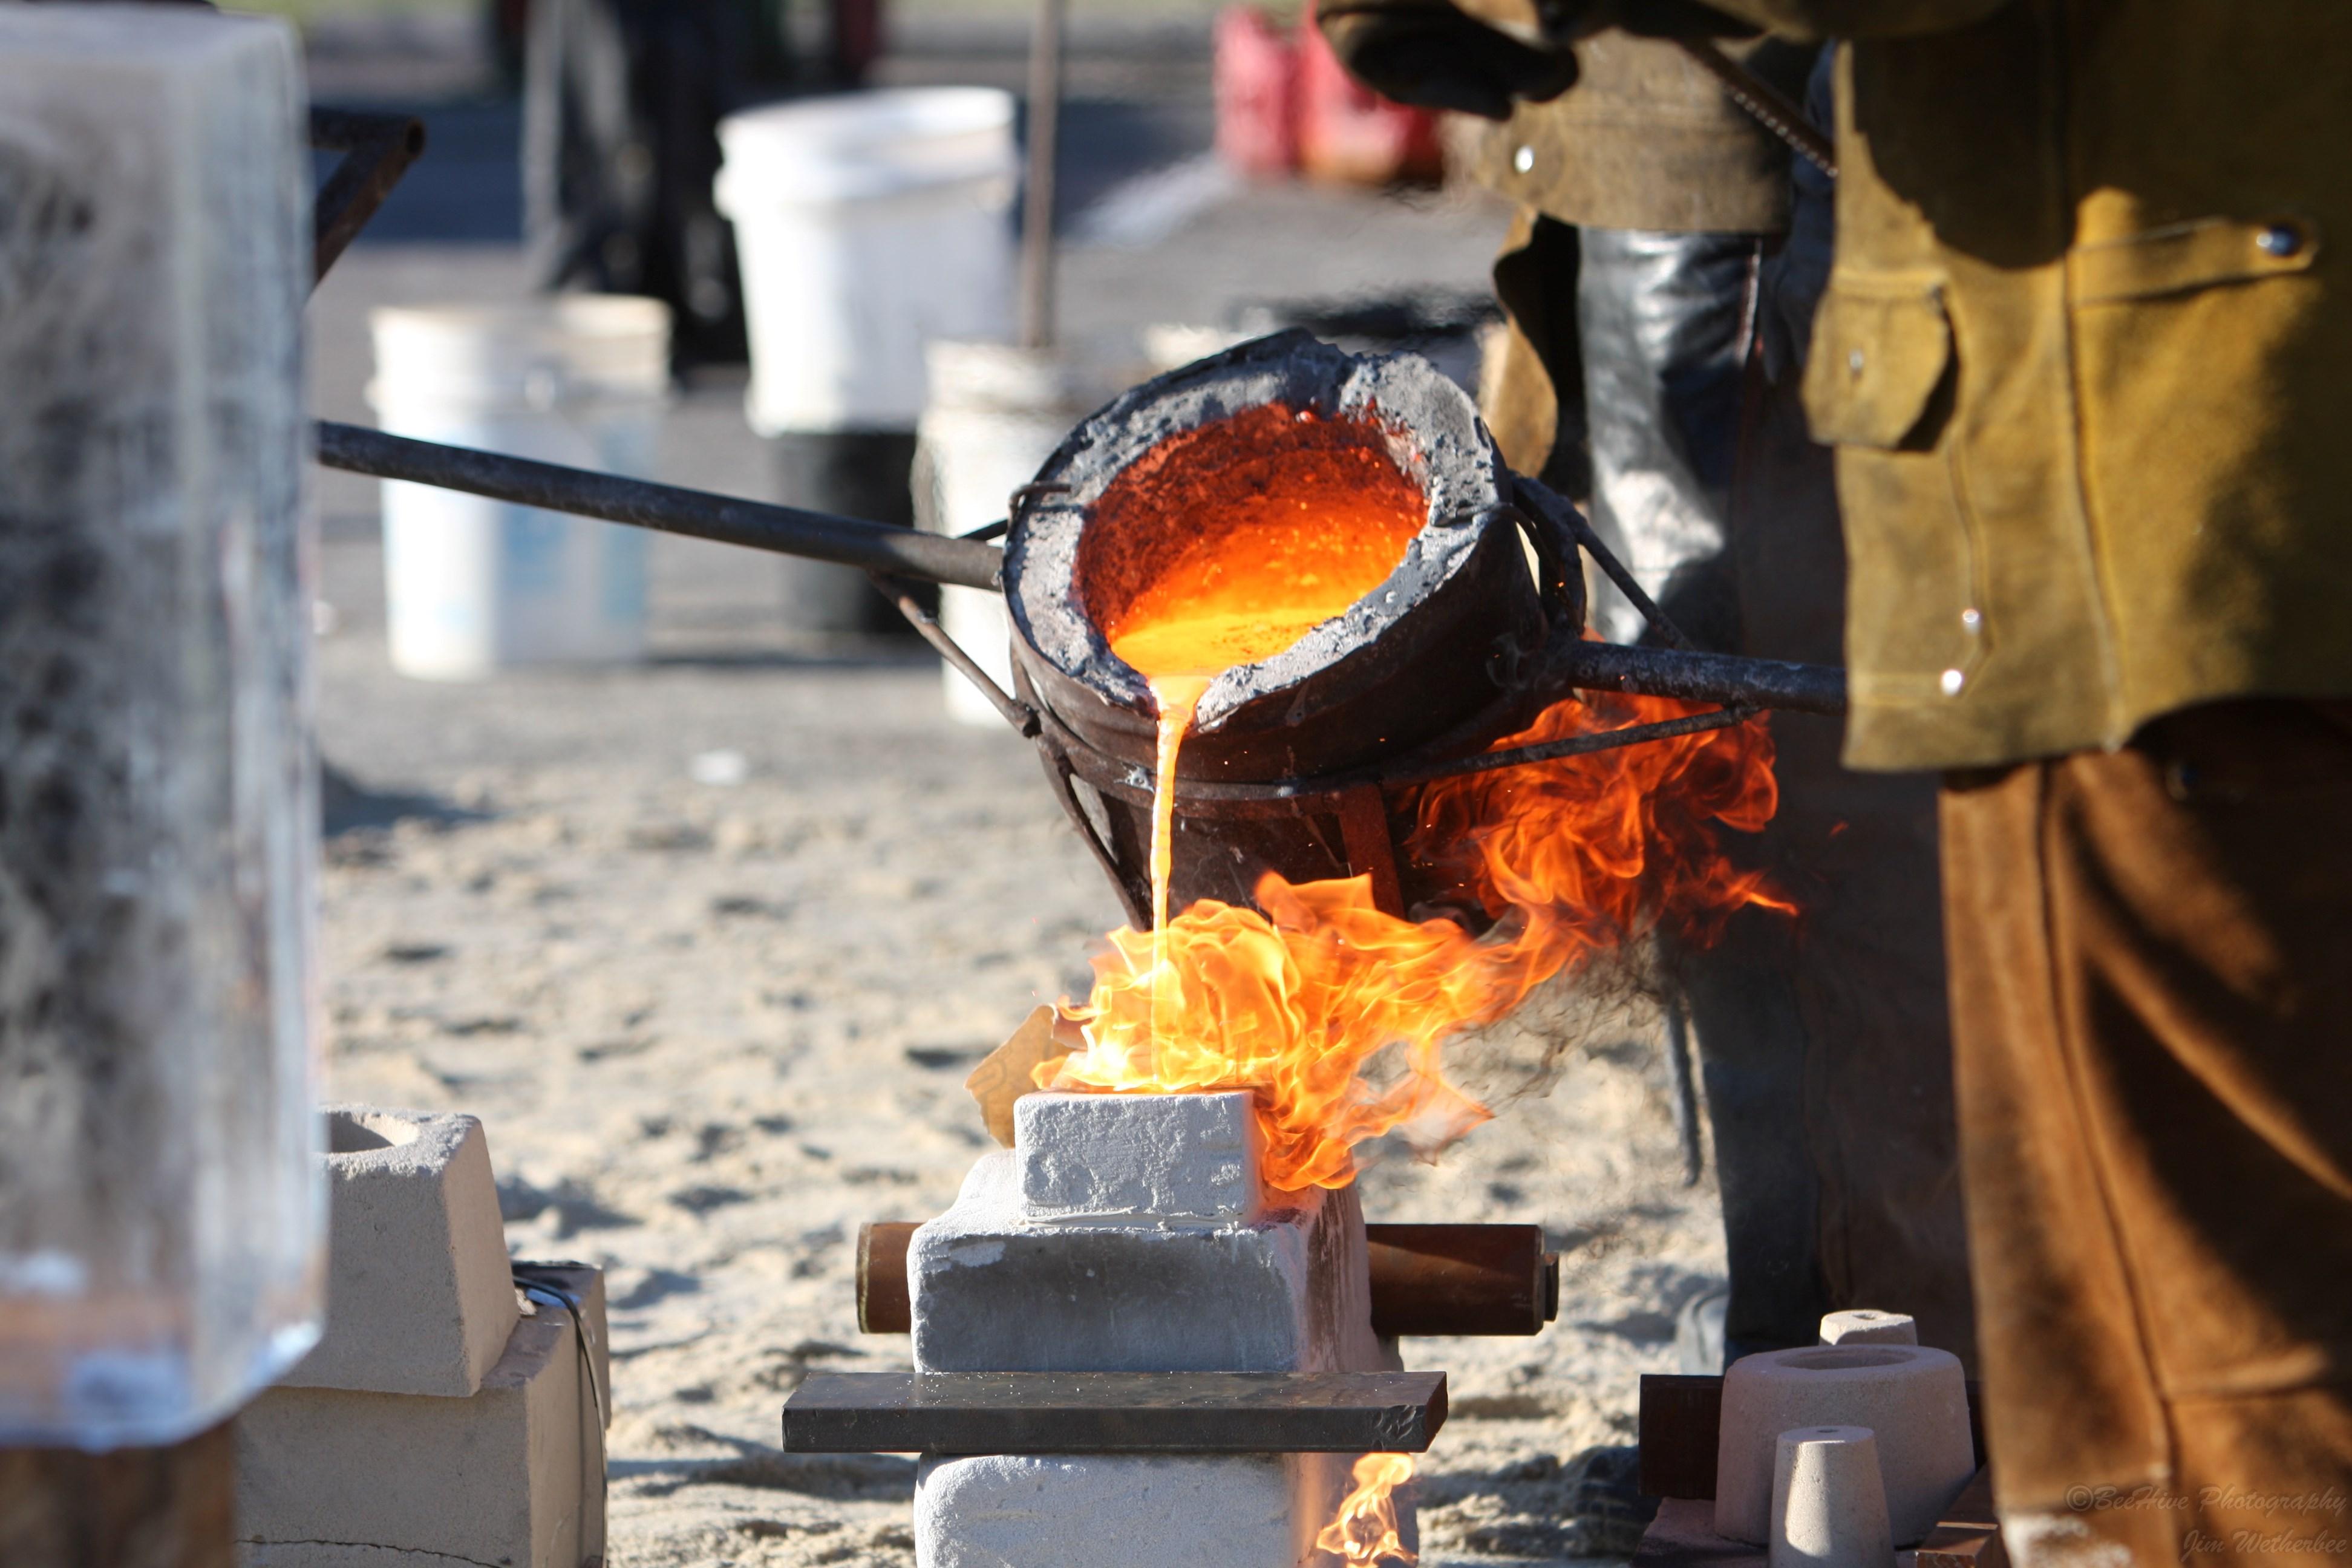 Pouring iron into a mold.